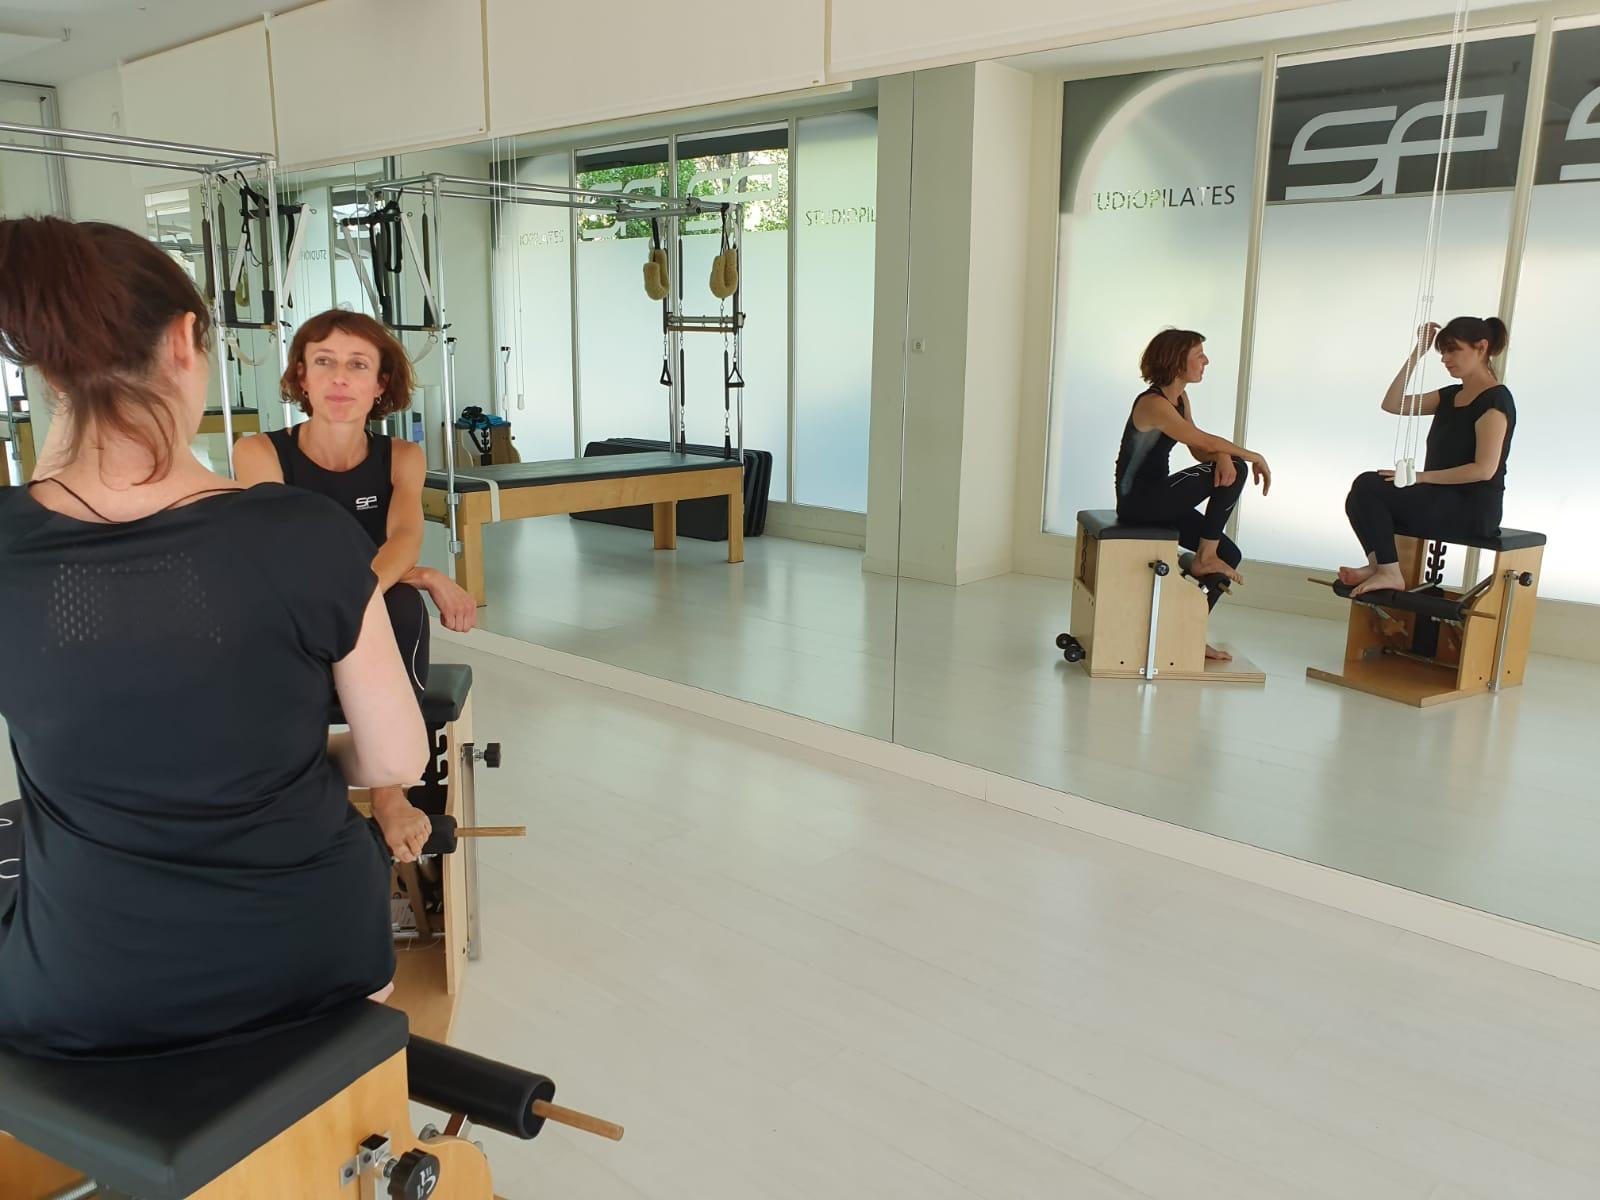 Studio Pilates Vitoria te ofrece clases de pilates on line a tiempo real